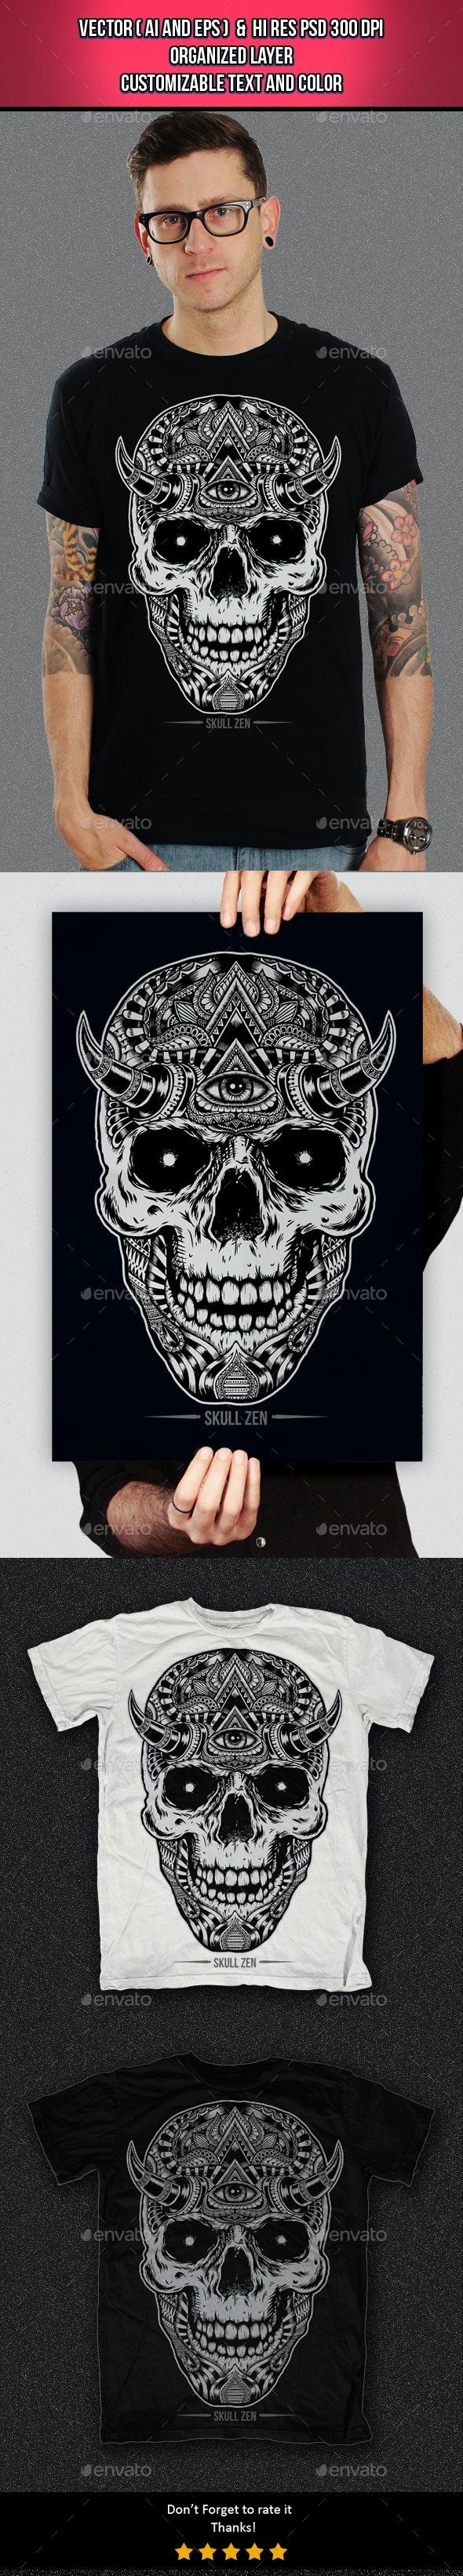 Skull Zen - Clean Designs